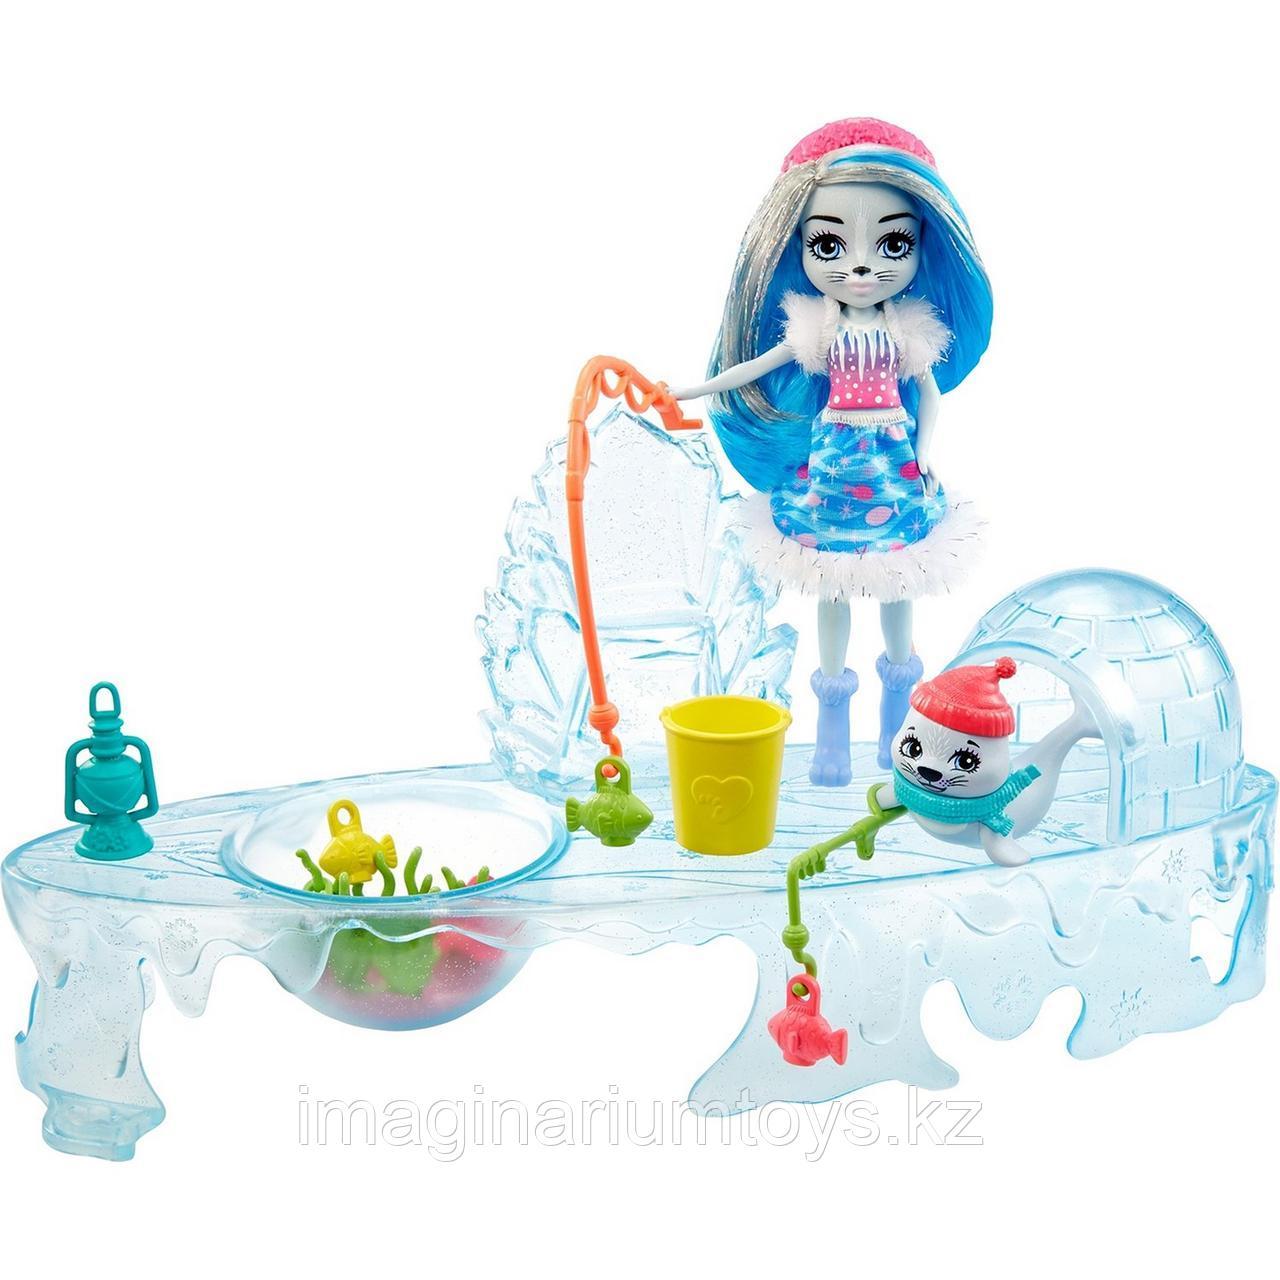 Enchantimals игровой набор Рыбалка с куклой Тюлень и асессуарами